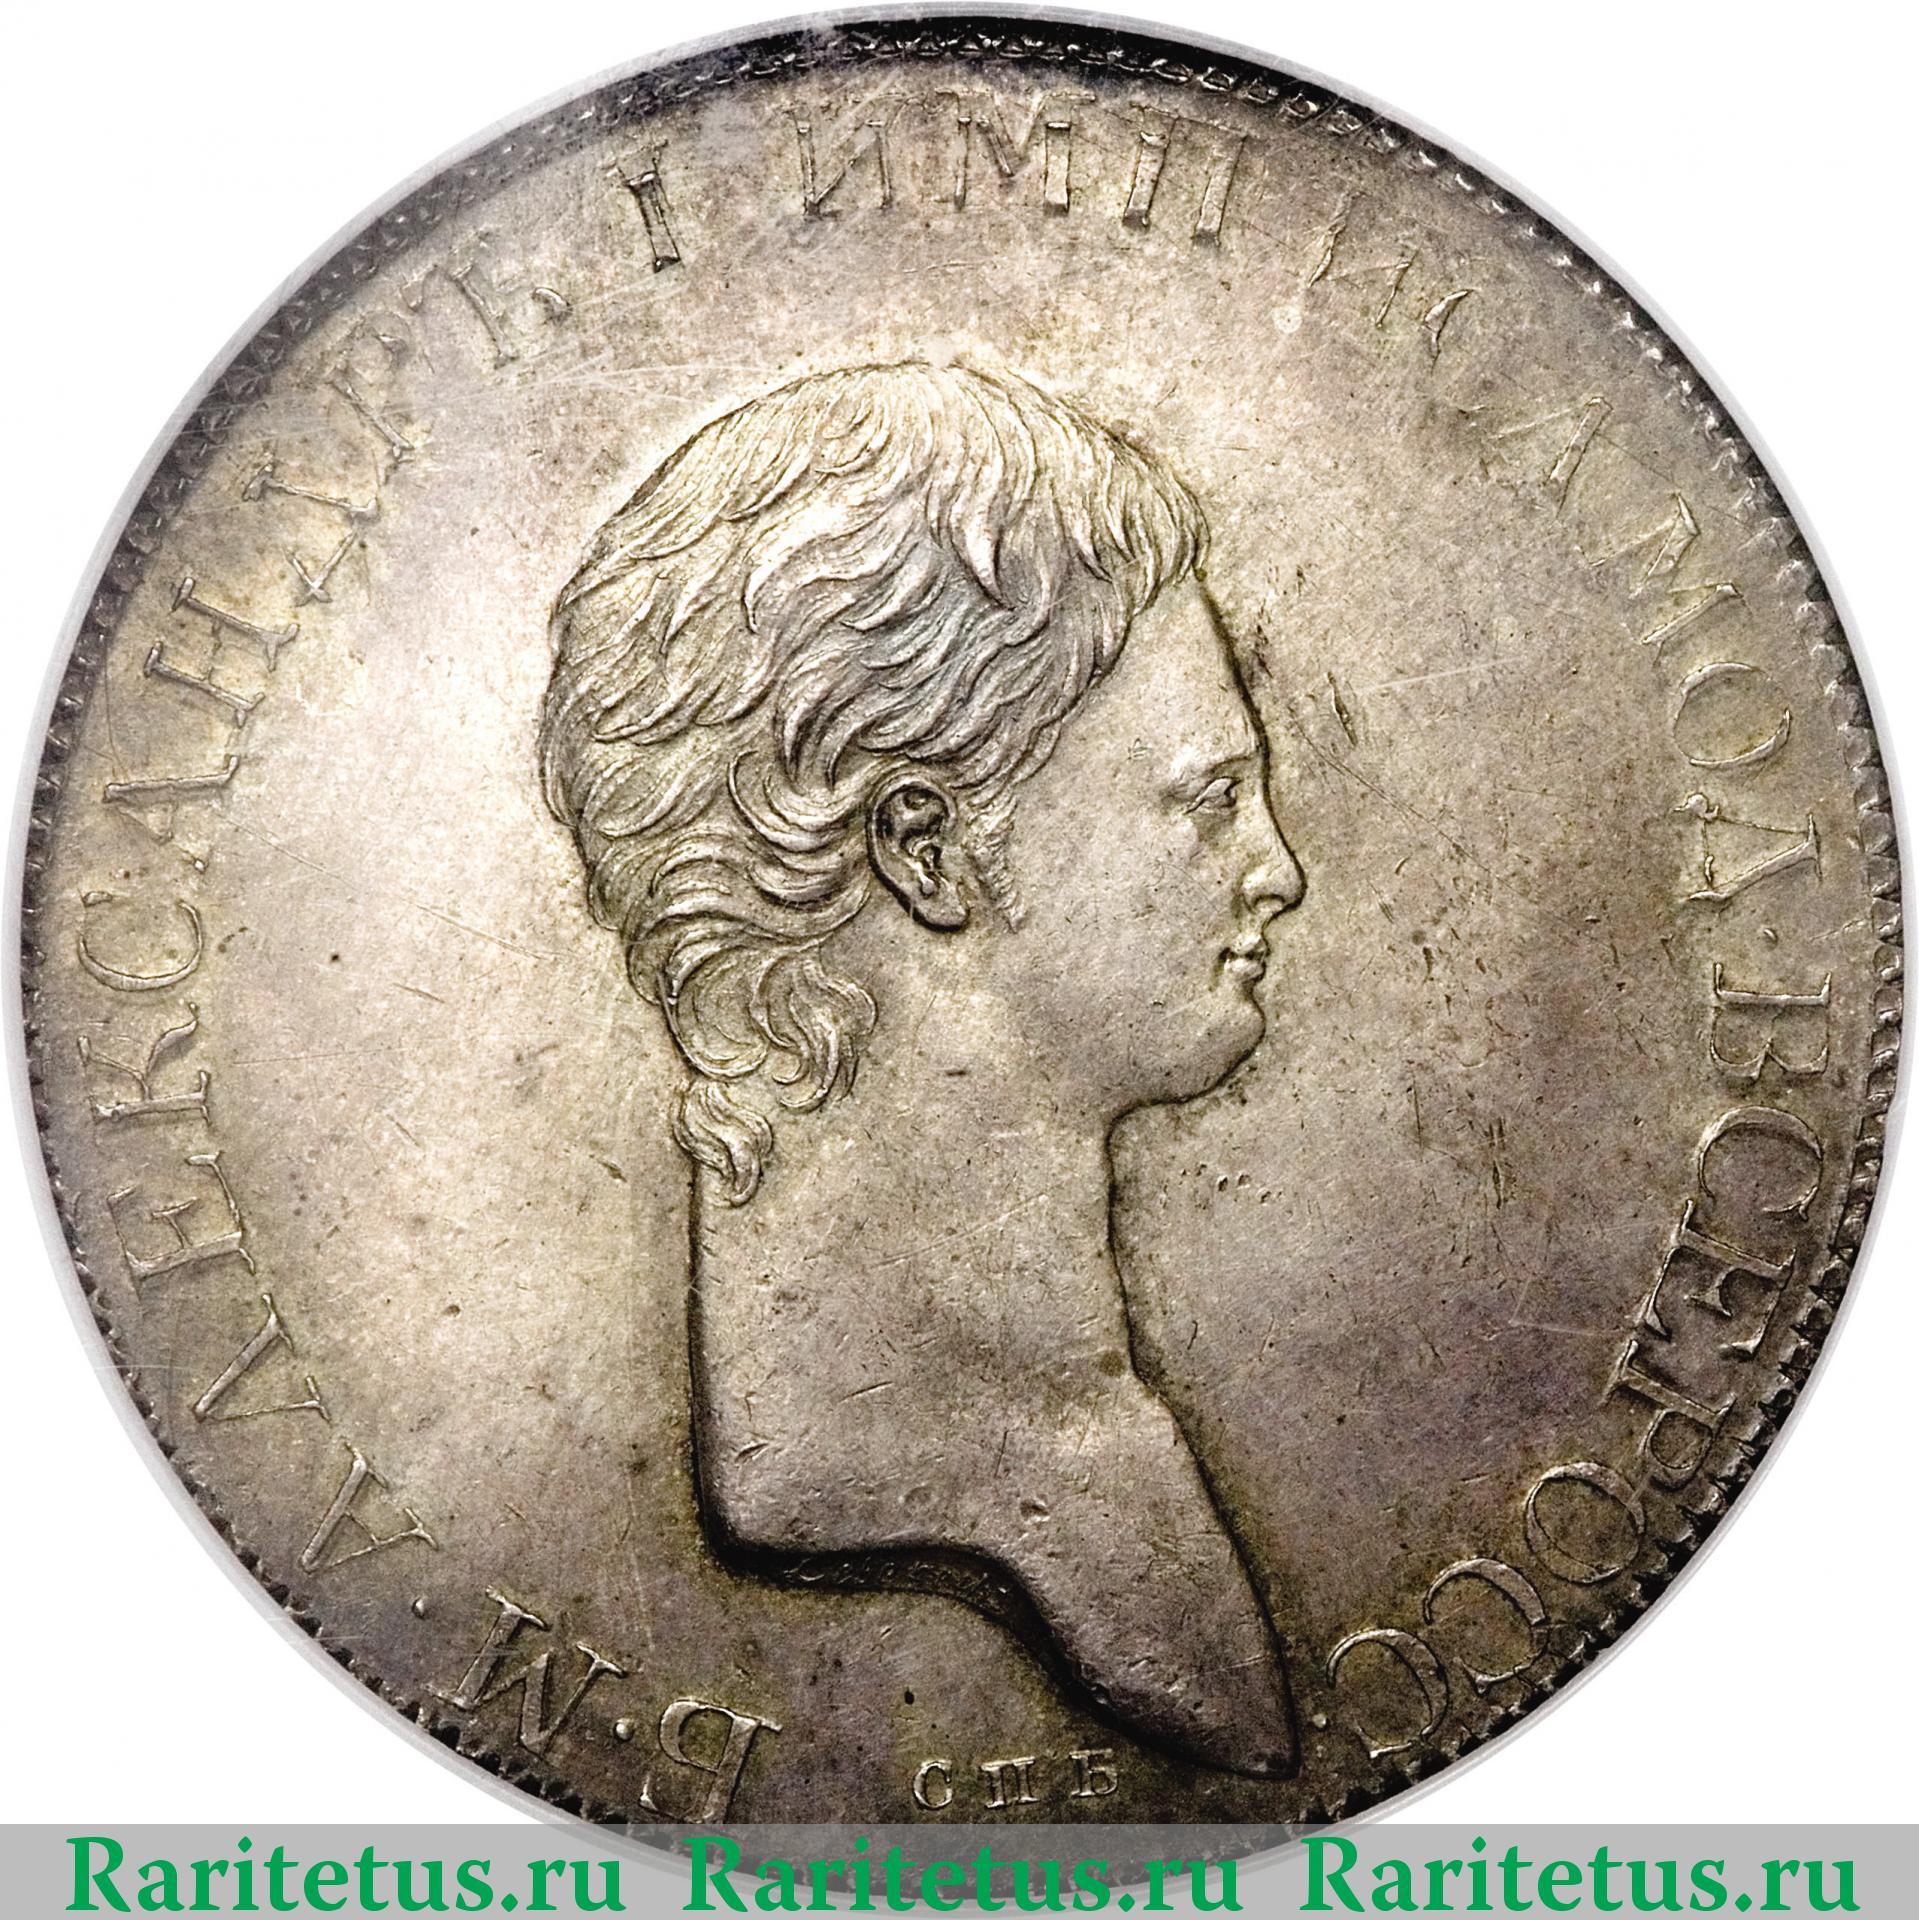 Государственная российская монета рубль куплю копійки